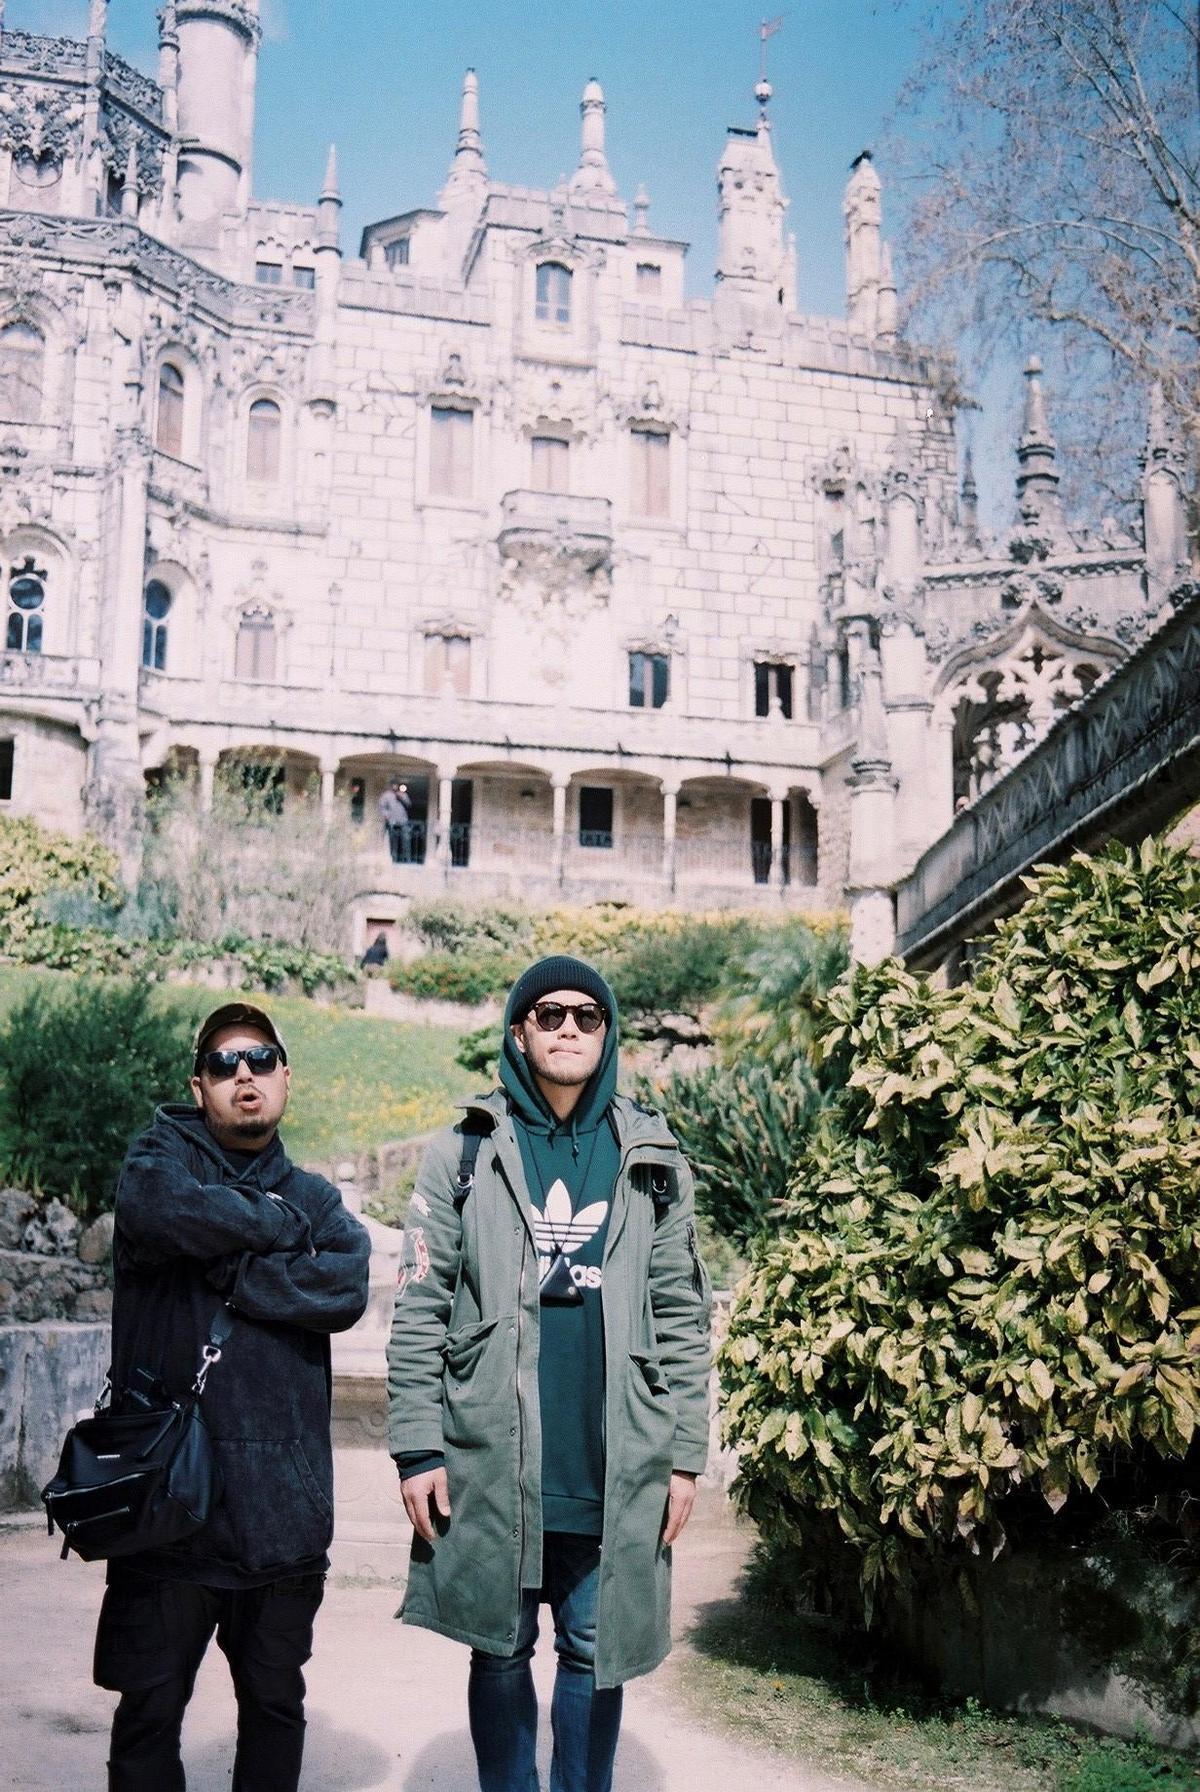 阿達在里斯本旅遊途中還在當地與老戰友、自由發揮的成員李伯恩碰頭,兩人四處閒逛尋找MV素材。(環球提供)